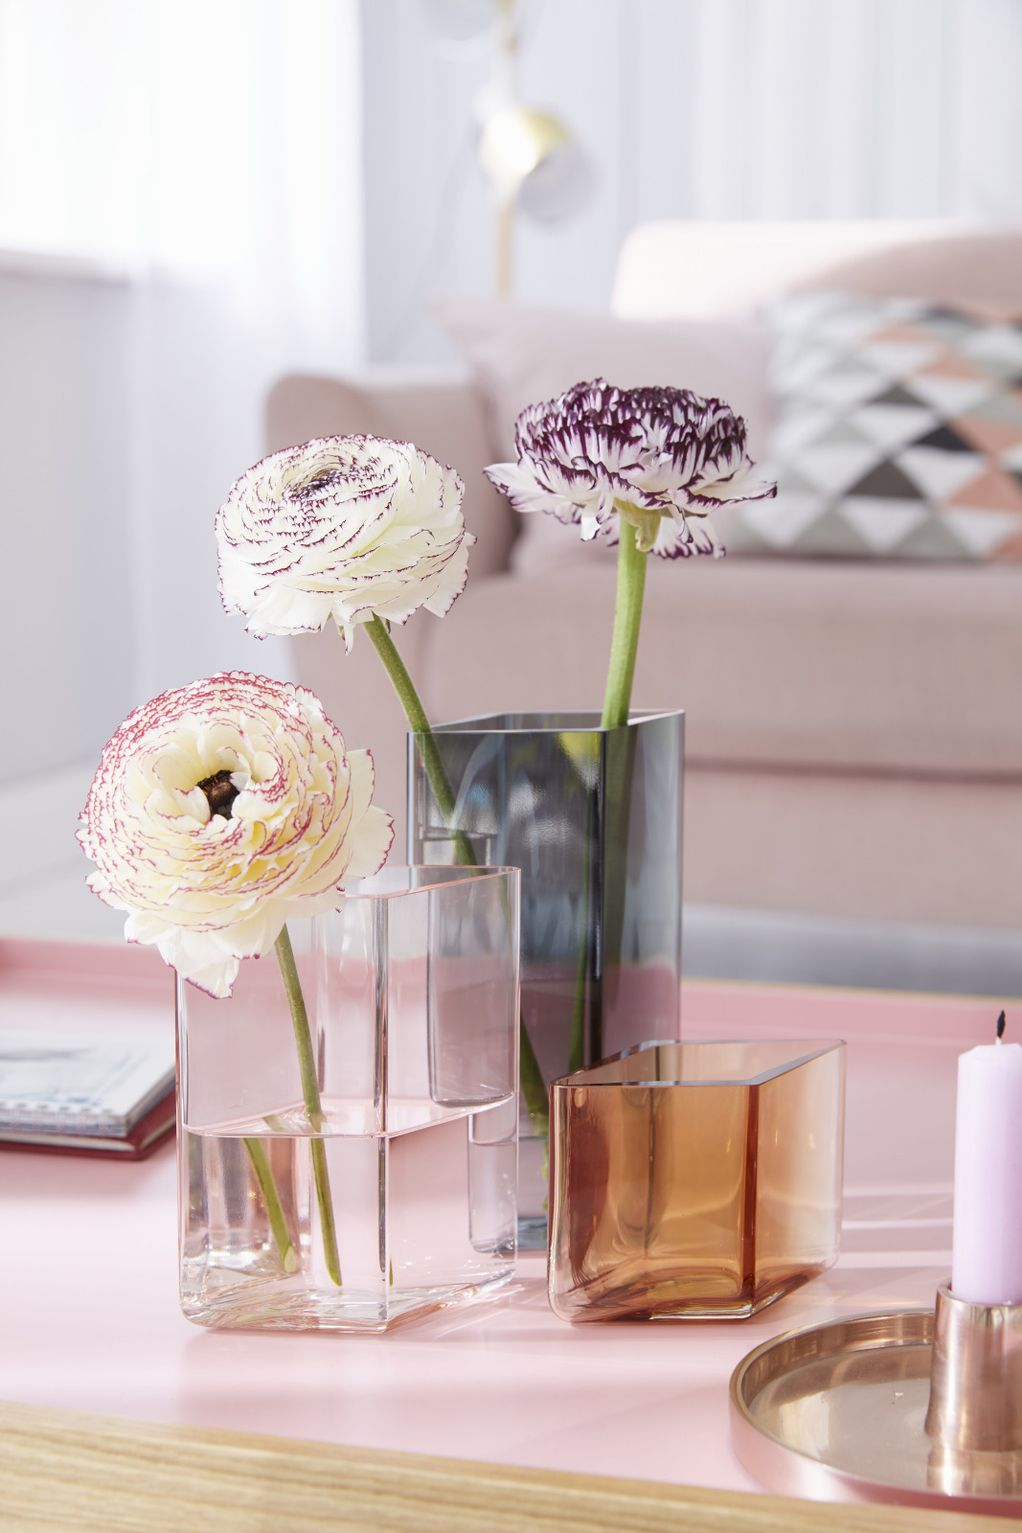 Ранункулус – цвеќе што во вазната ќе остане свежо со денови